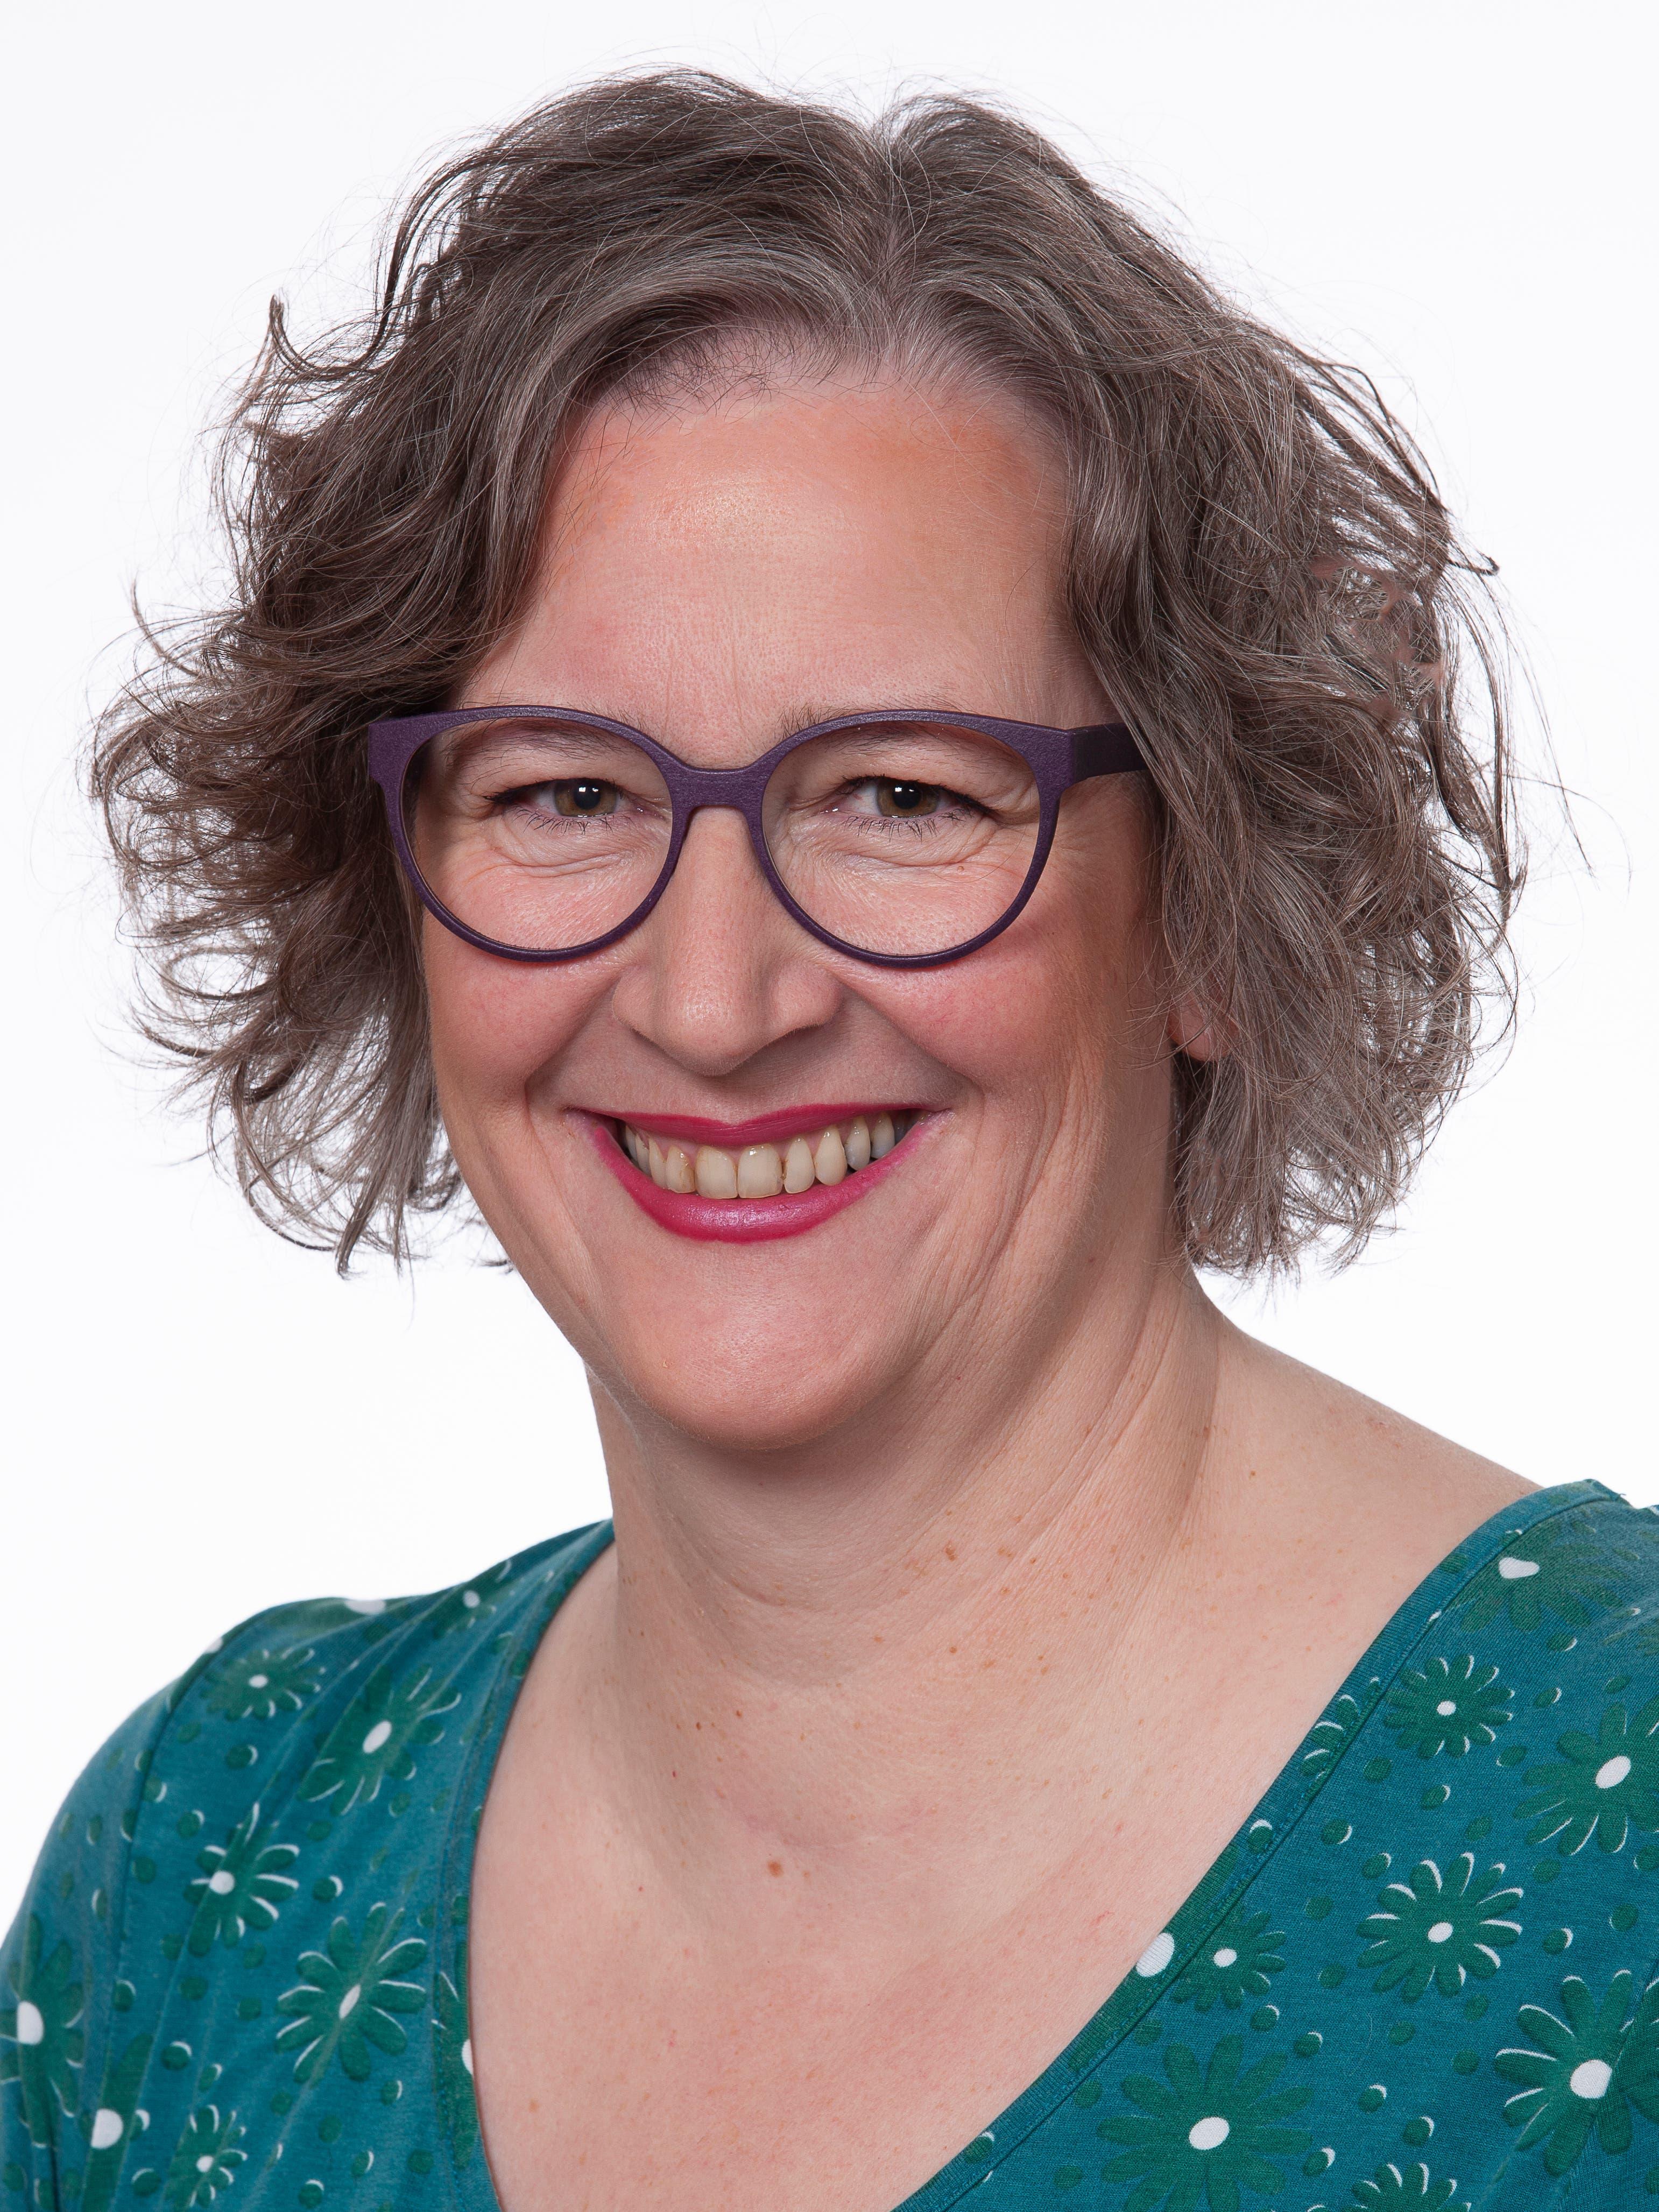 Gewählt: Katharina Jauch, CVP (bisher)